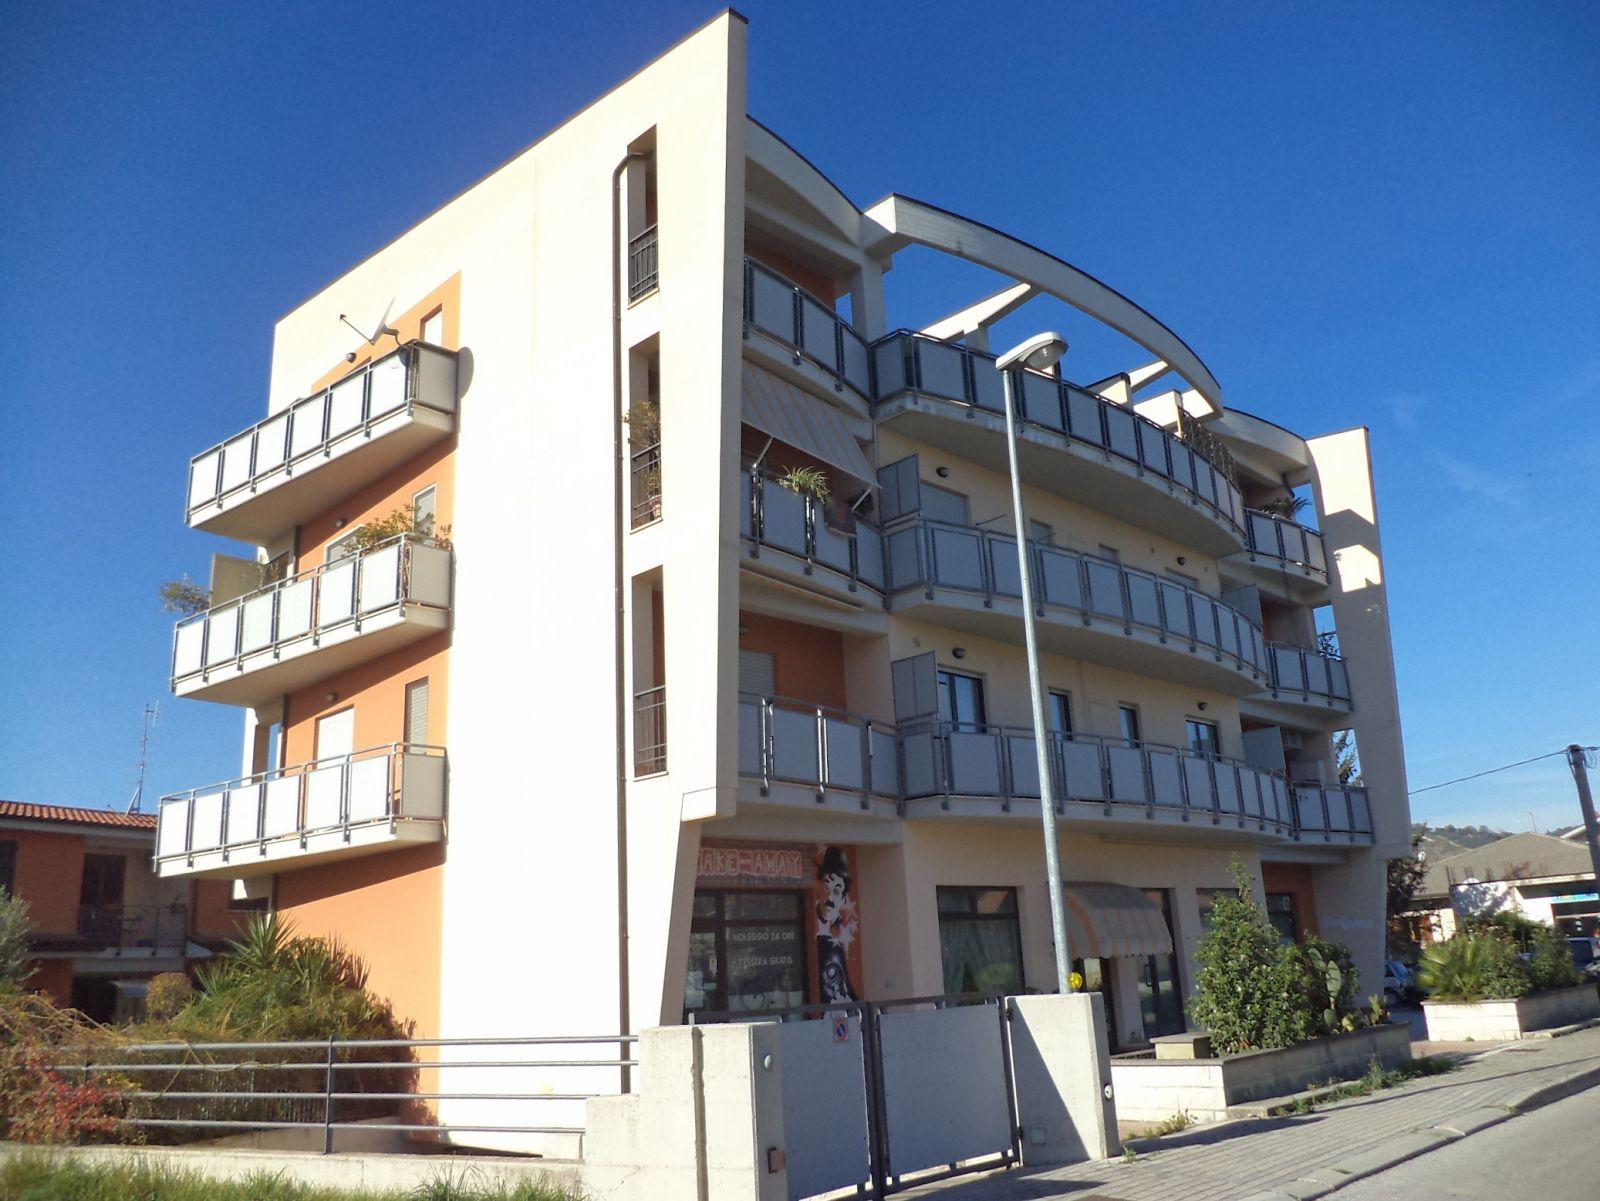 Appartamento in vendita a manoppello pe via staccioli 1 for Doppi infissi esterni